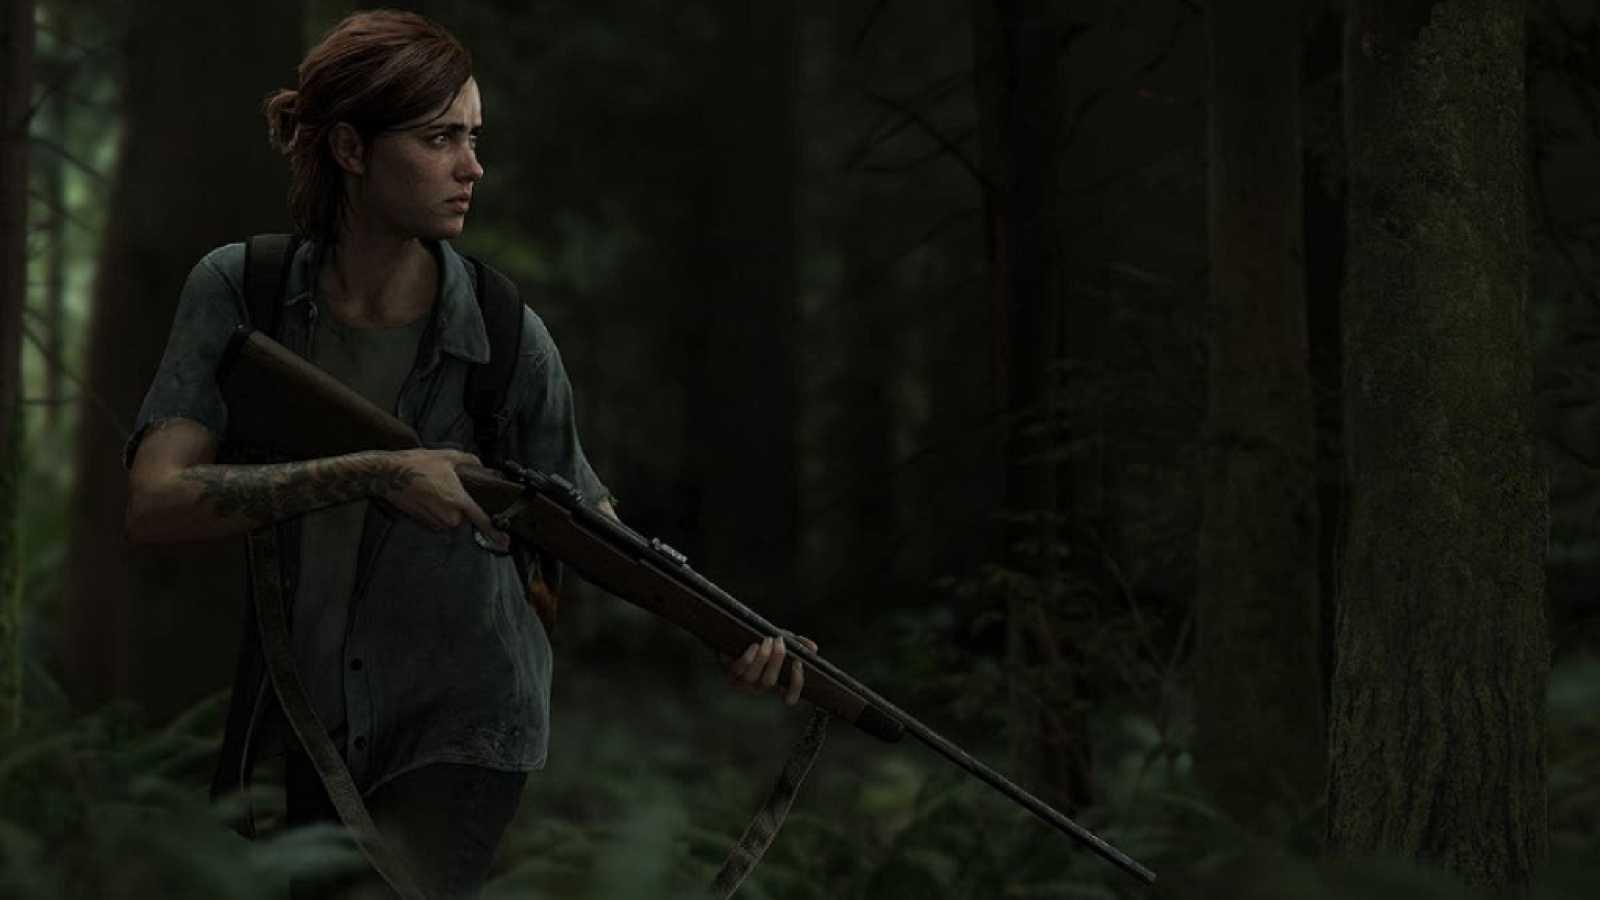 Solo el 11,4% de los juegos contó con una protagonista femenina